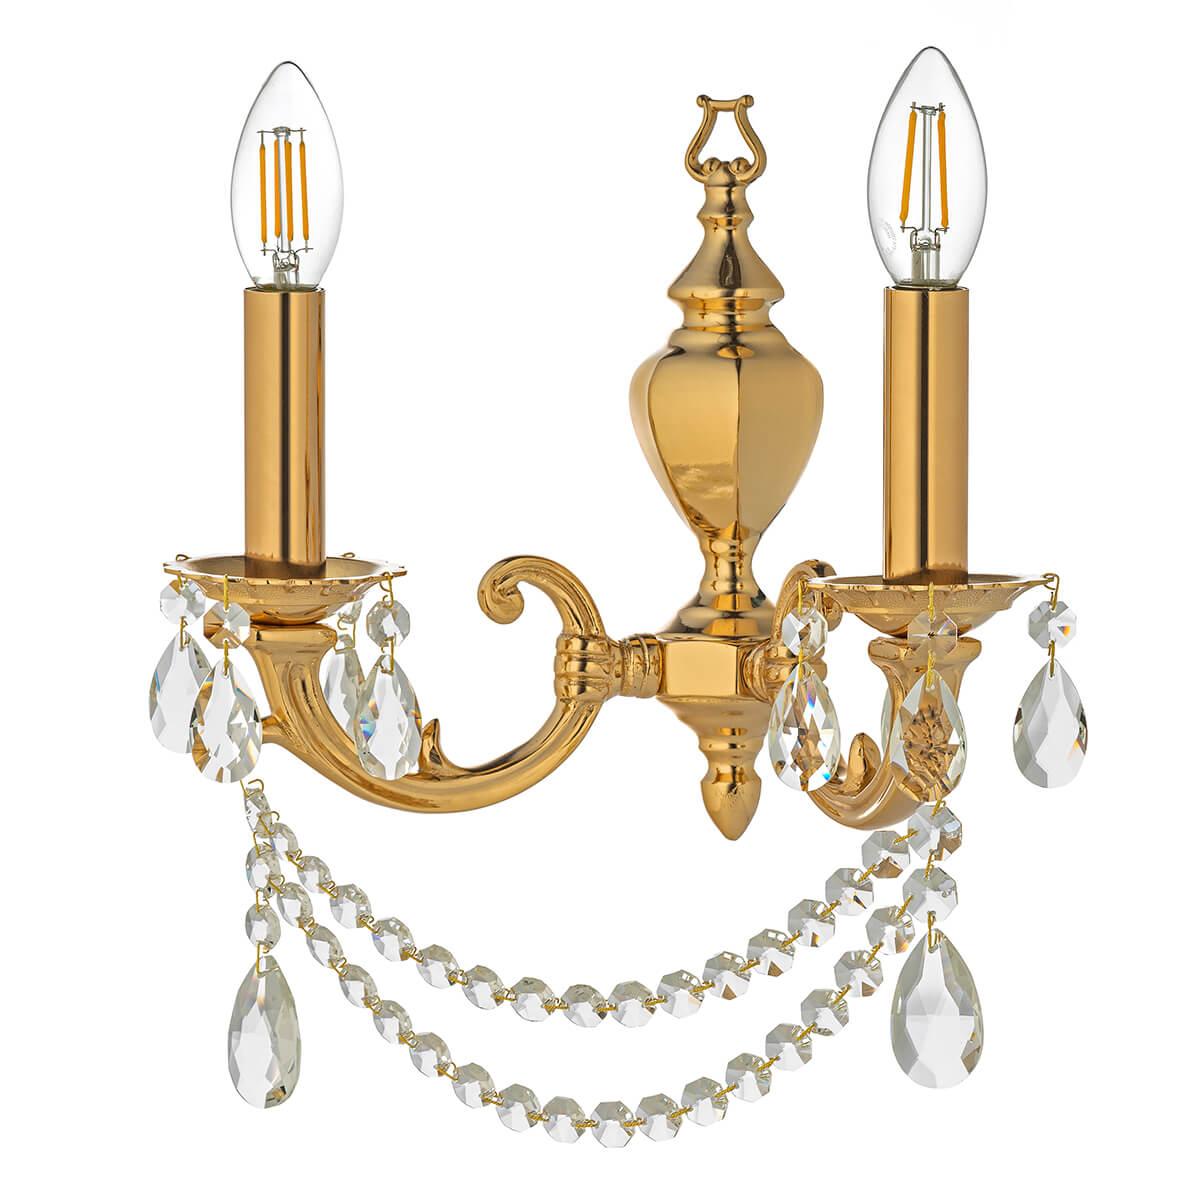 Бра Dio D`arte Lodi E 2.1.2.600 G Lodi Gold светильник dio d arte lodi e 1 2 80 200 g lodi gold